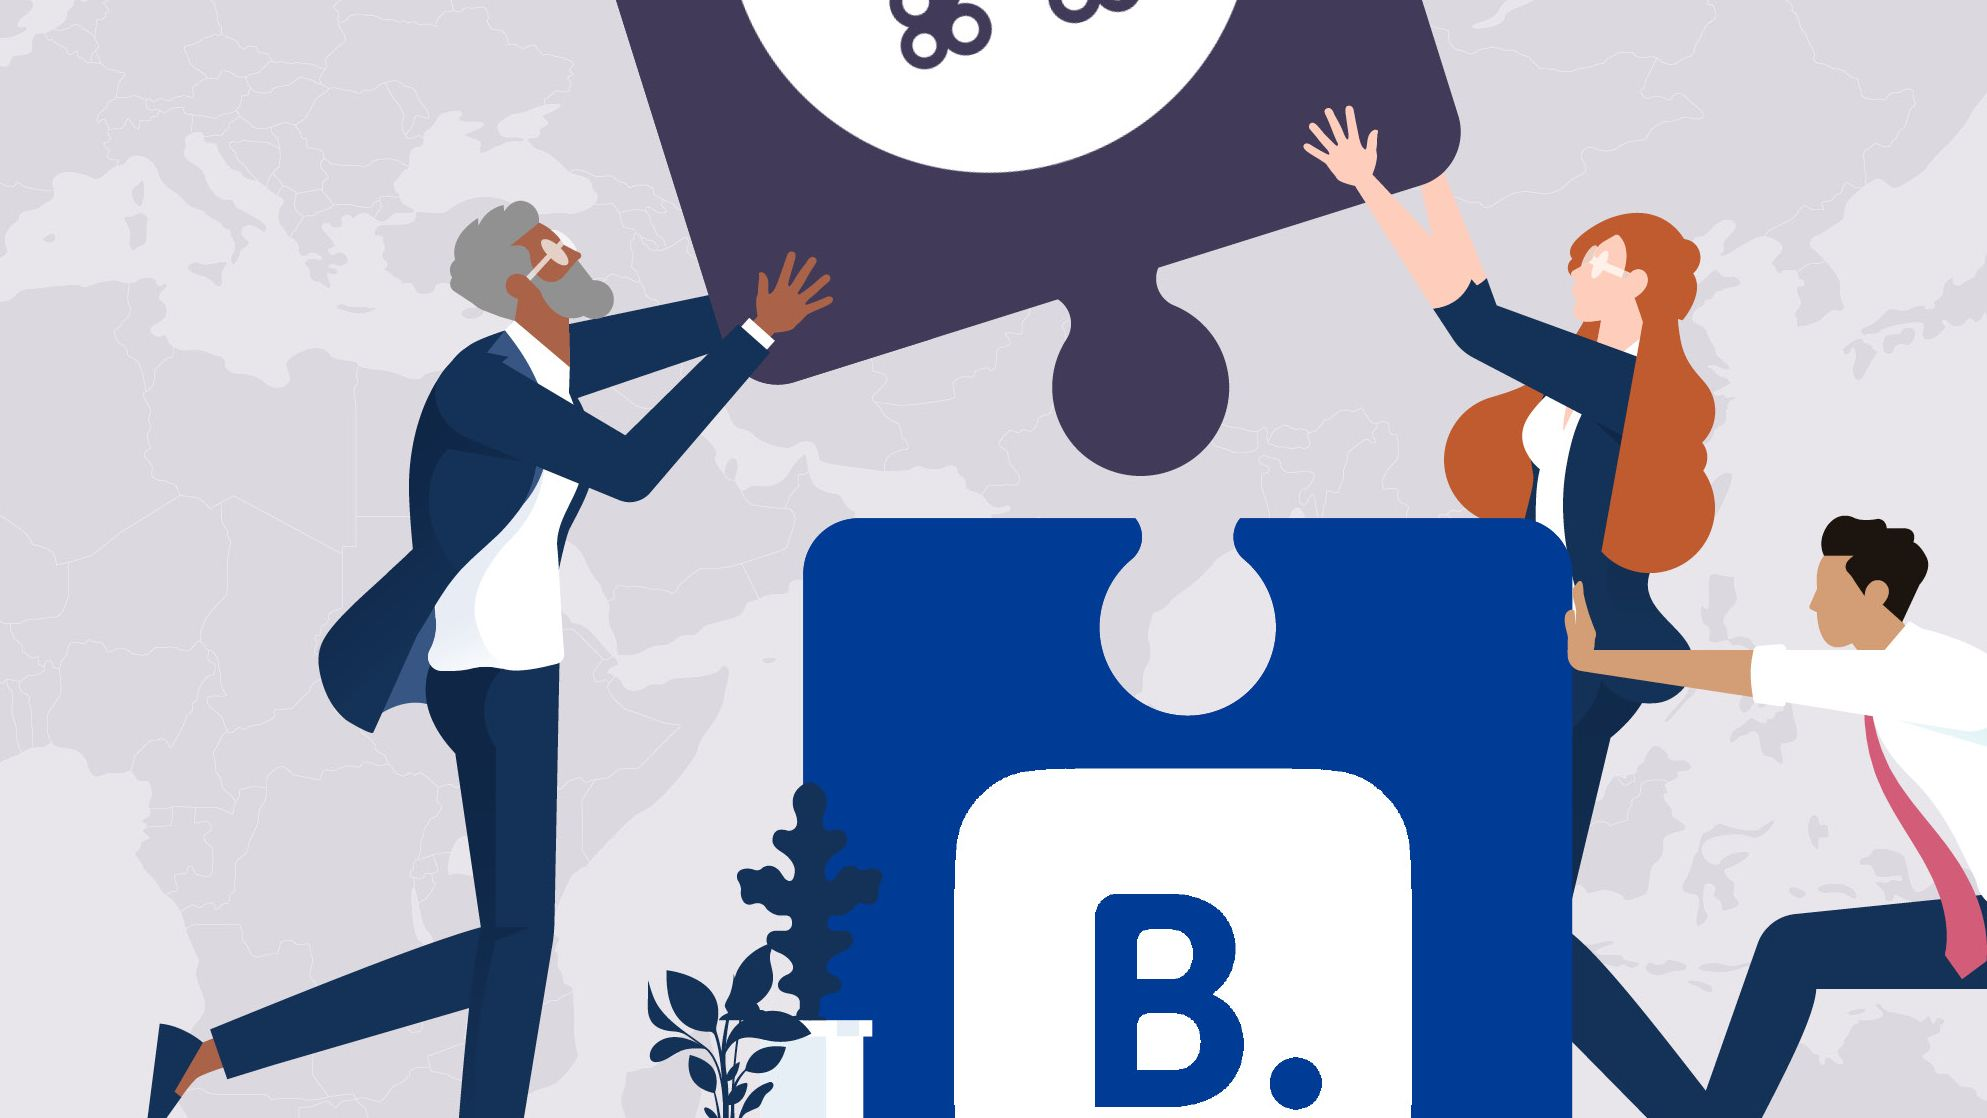 Zusammenarbeit-Acomodeo-und-Booking-com-kooperieren